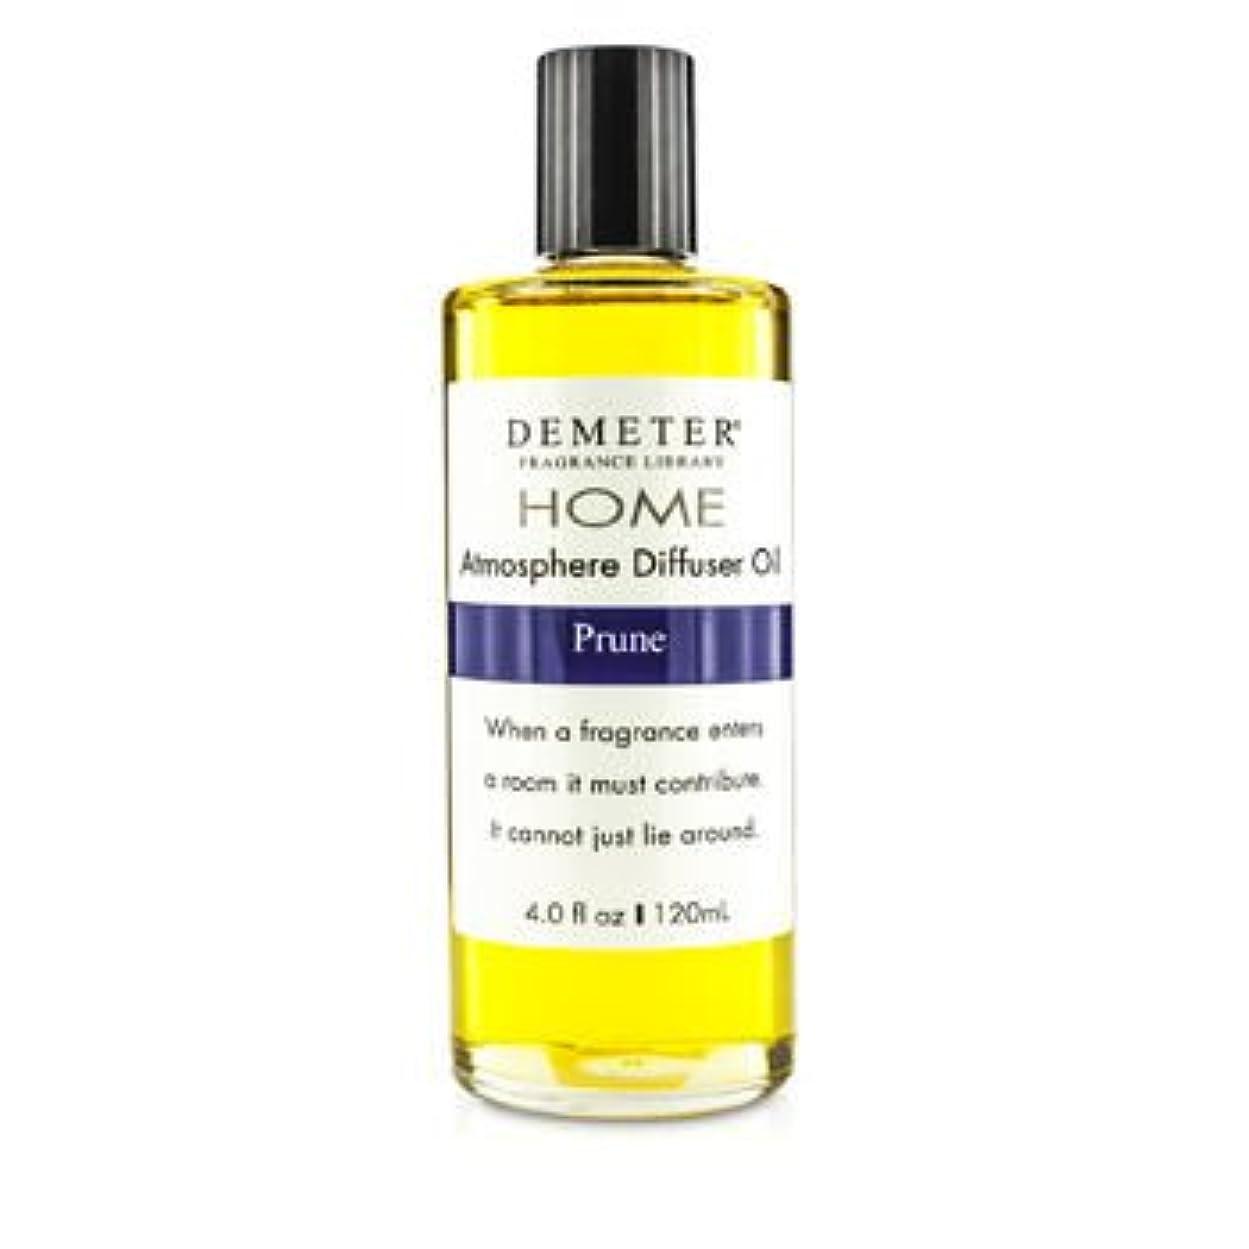 シガレットびっくりする保存[Demeter] Atmosphere Diffuser Oil - Prune 120ml/4oz